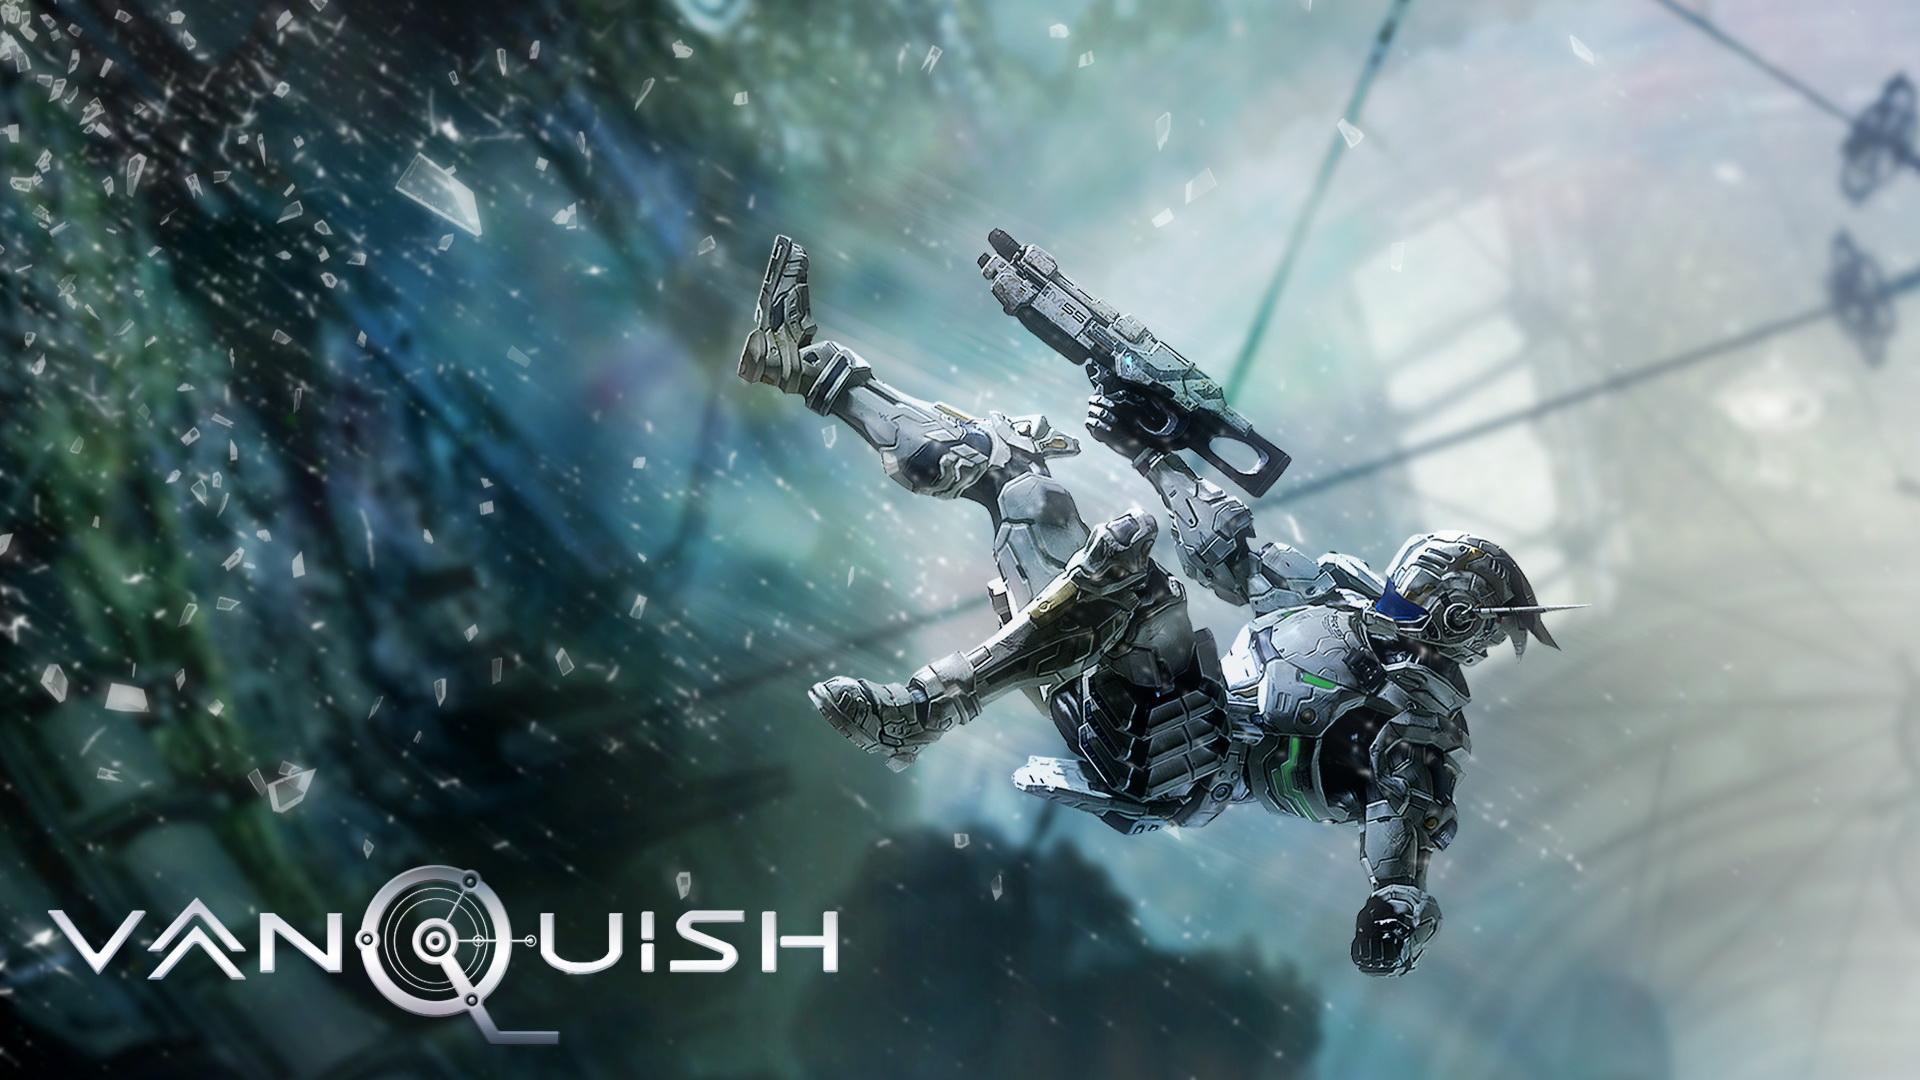 Vanquish game wallpaper